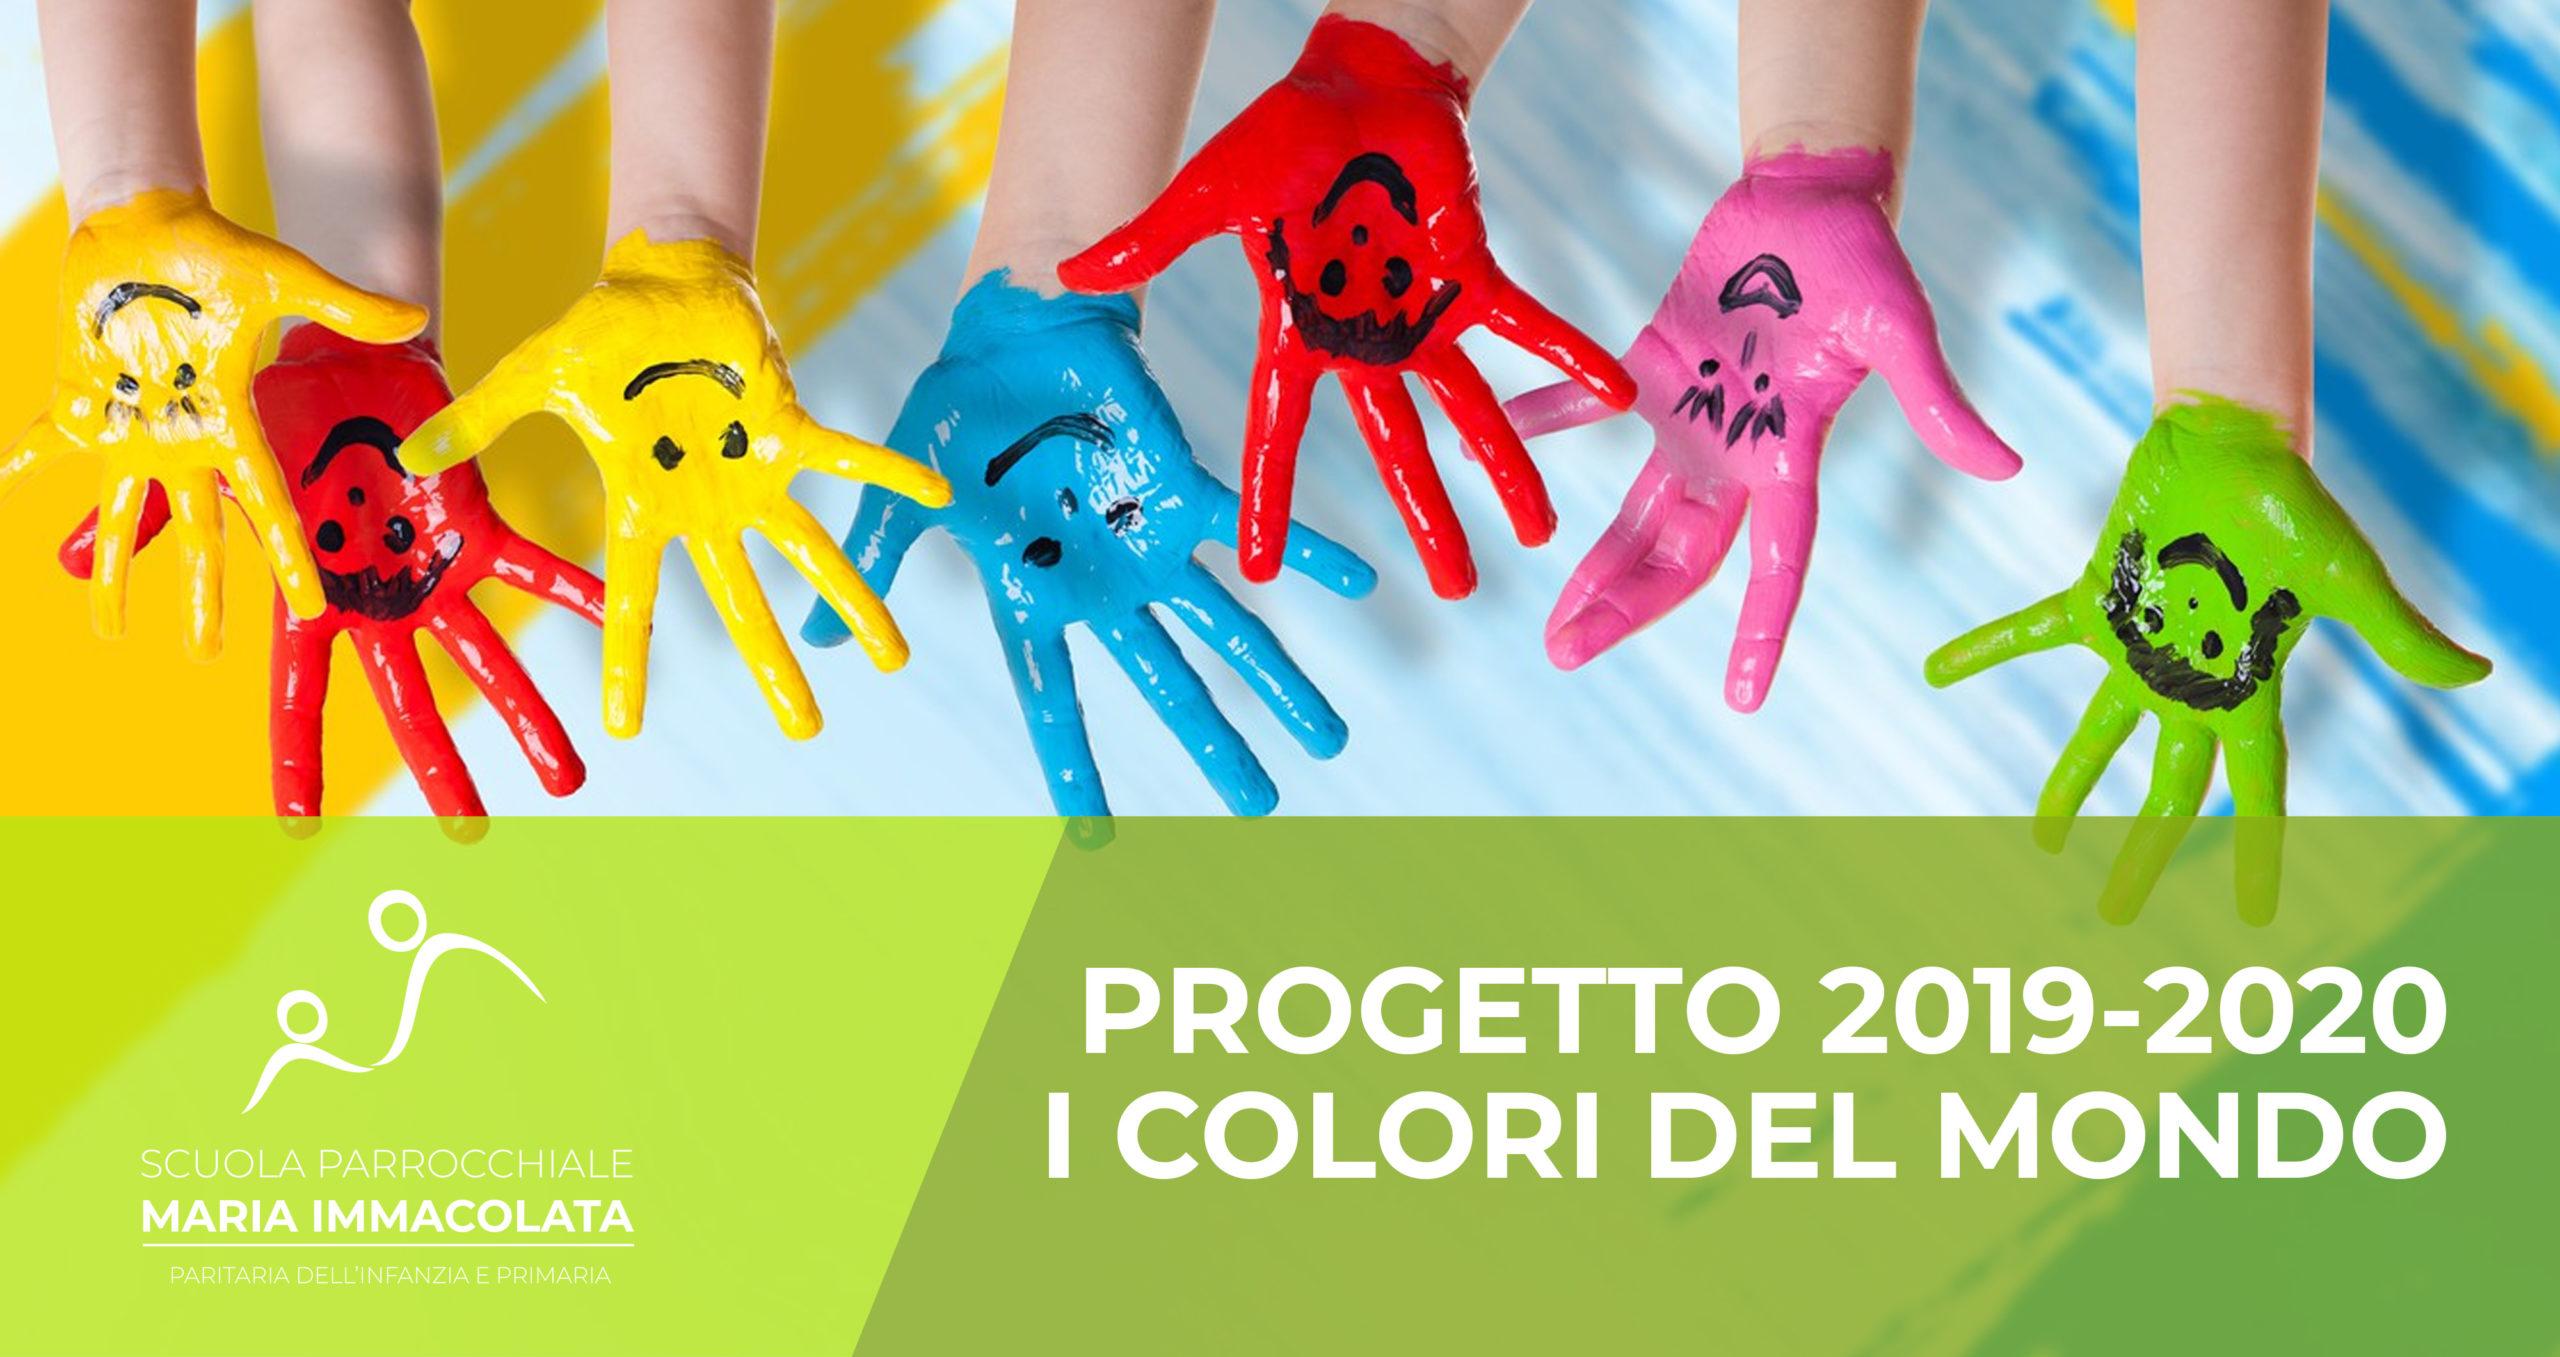 Progetto 2019-2020